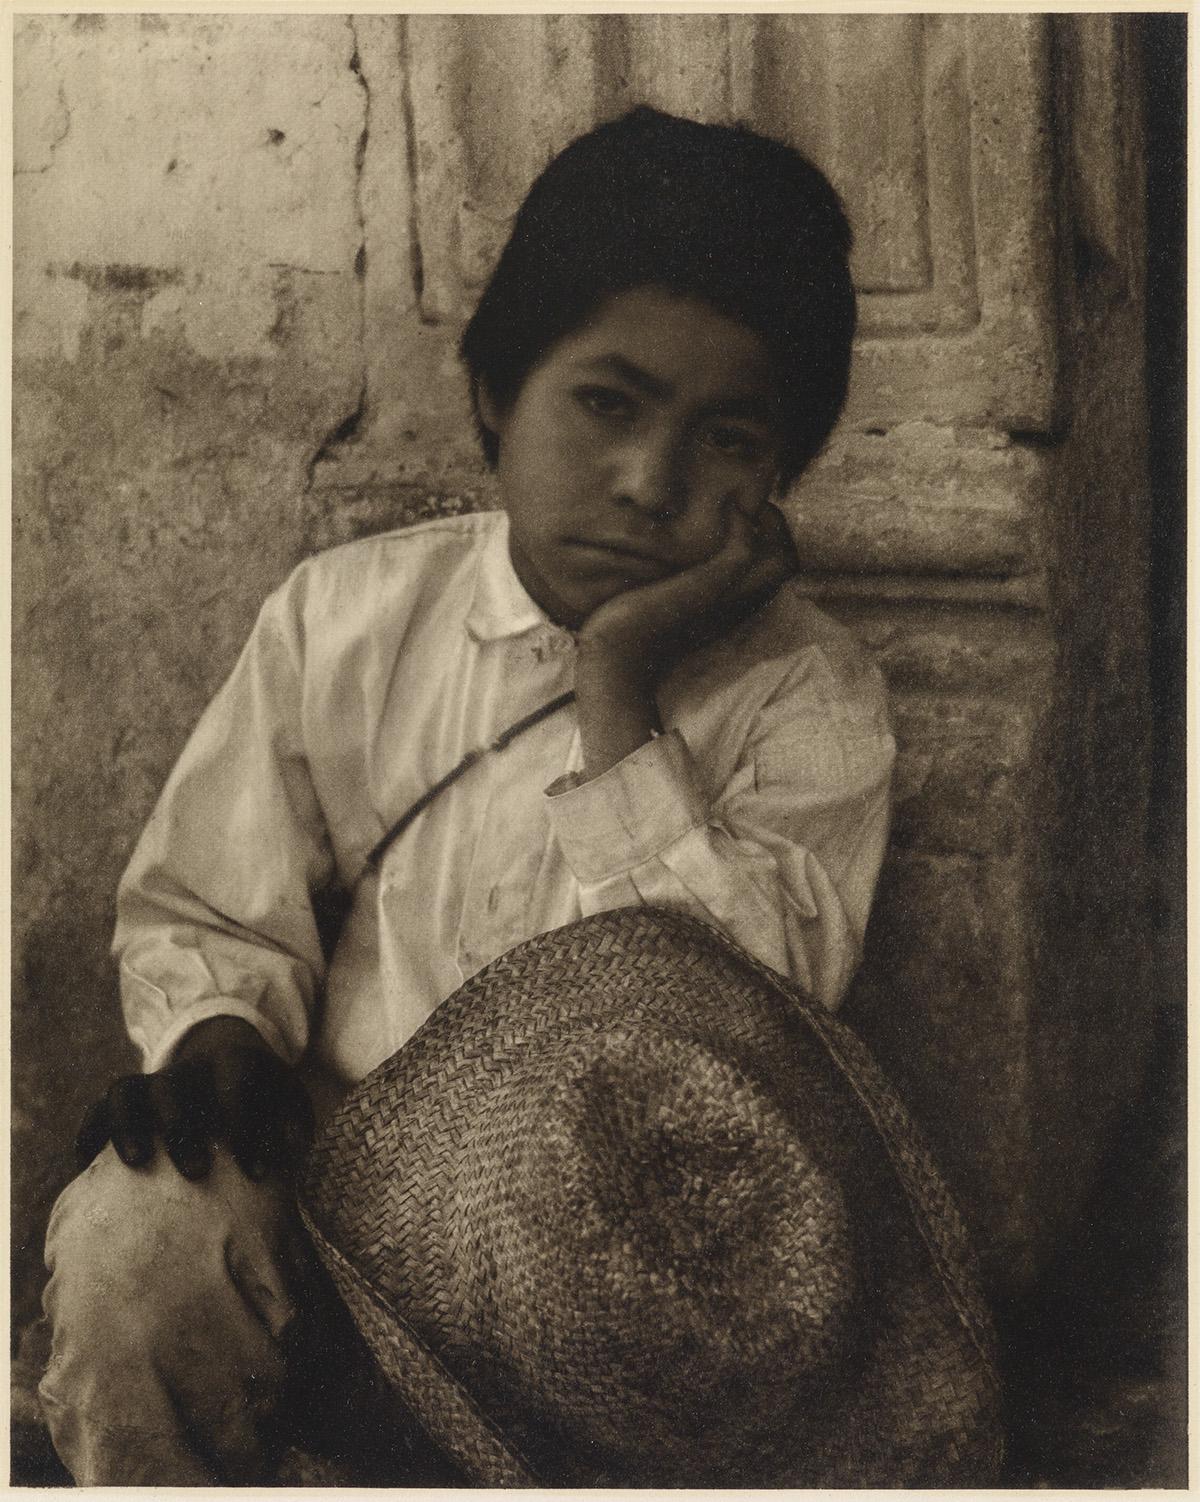 PAUL-STRAND-(1890-1976)-Portfolio-entitled-I-Photographs-of-